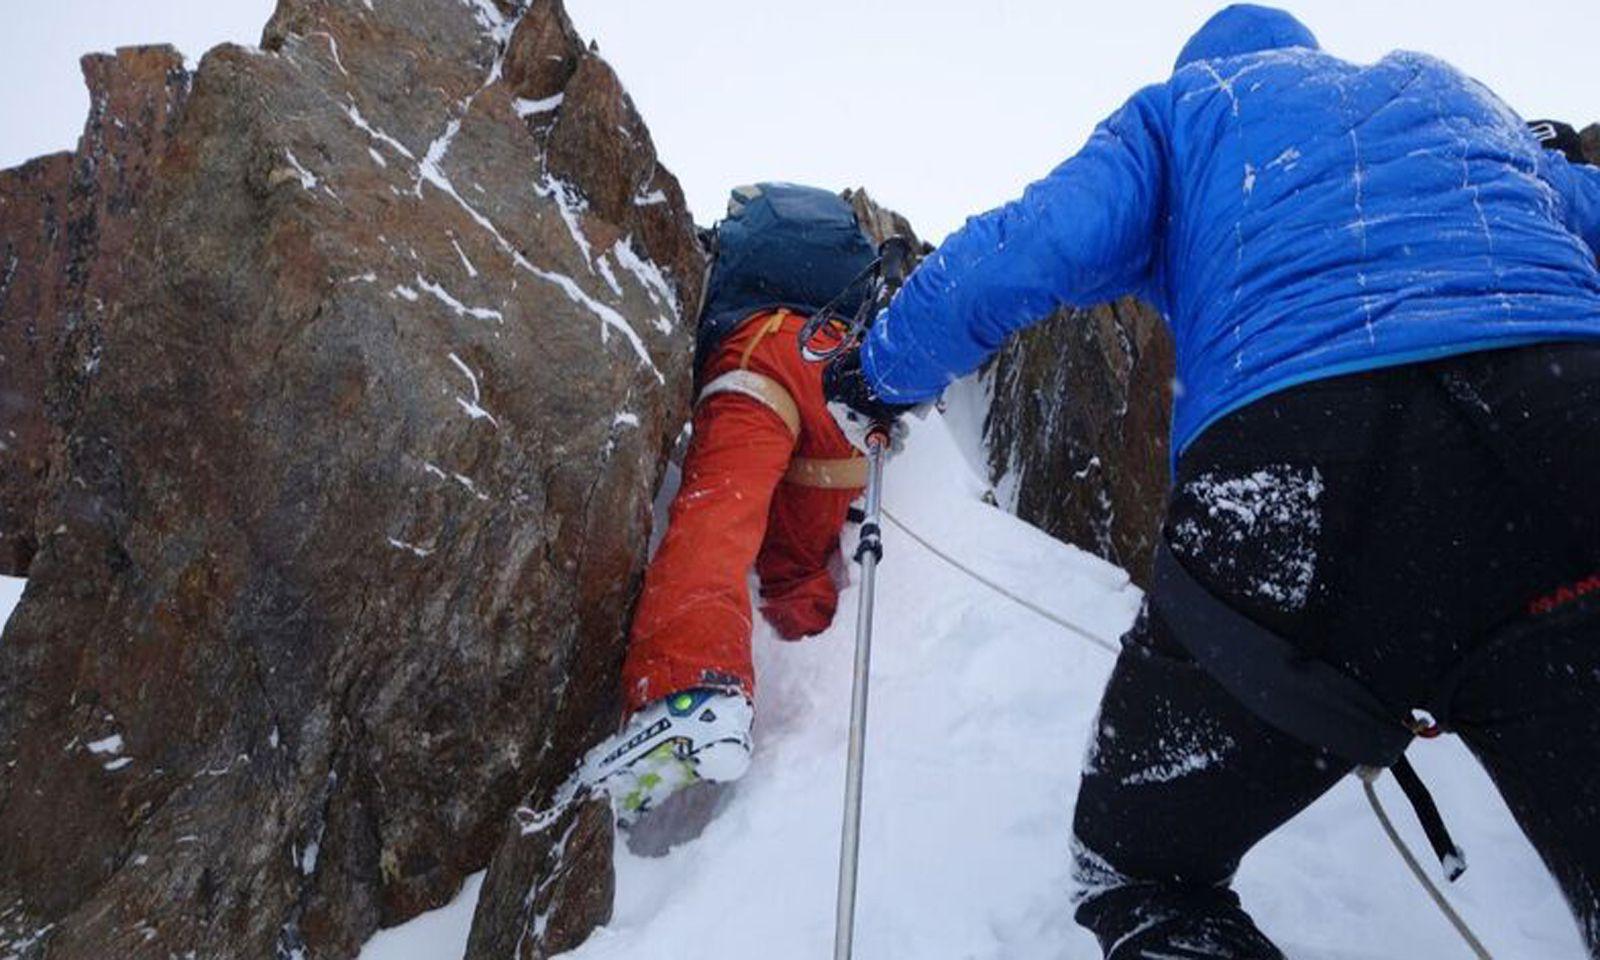 Auf den letzten Metern vor dem Gipfel des Rechten Fernerkogels muss geklettert werden.